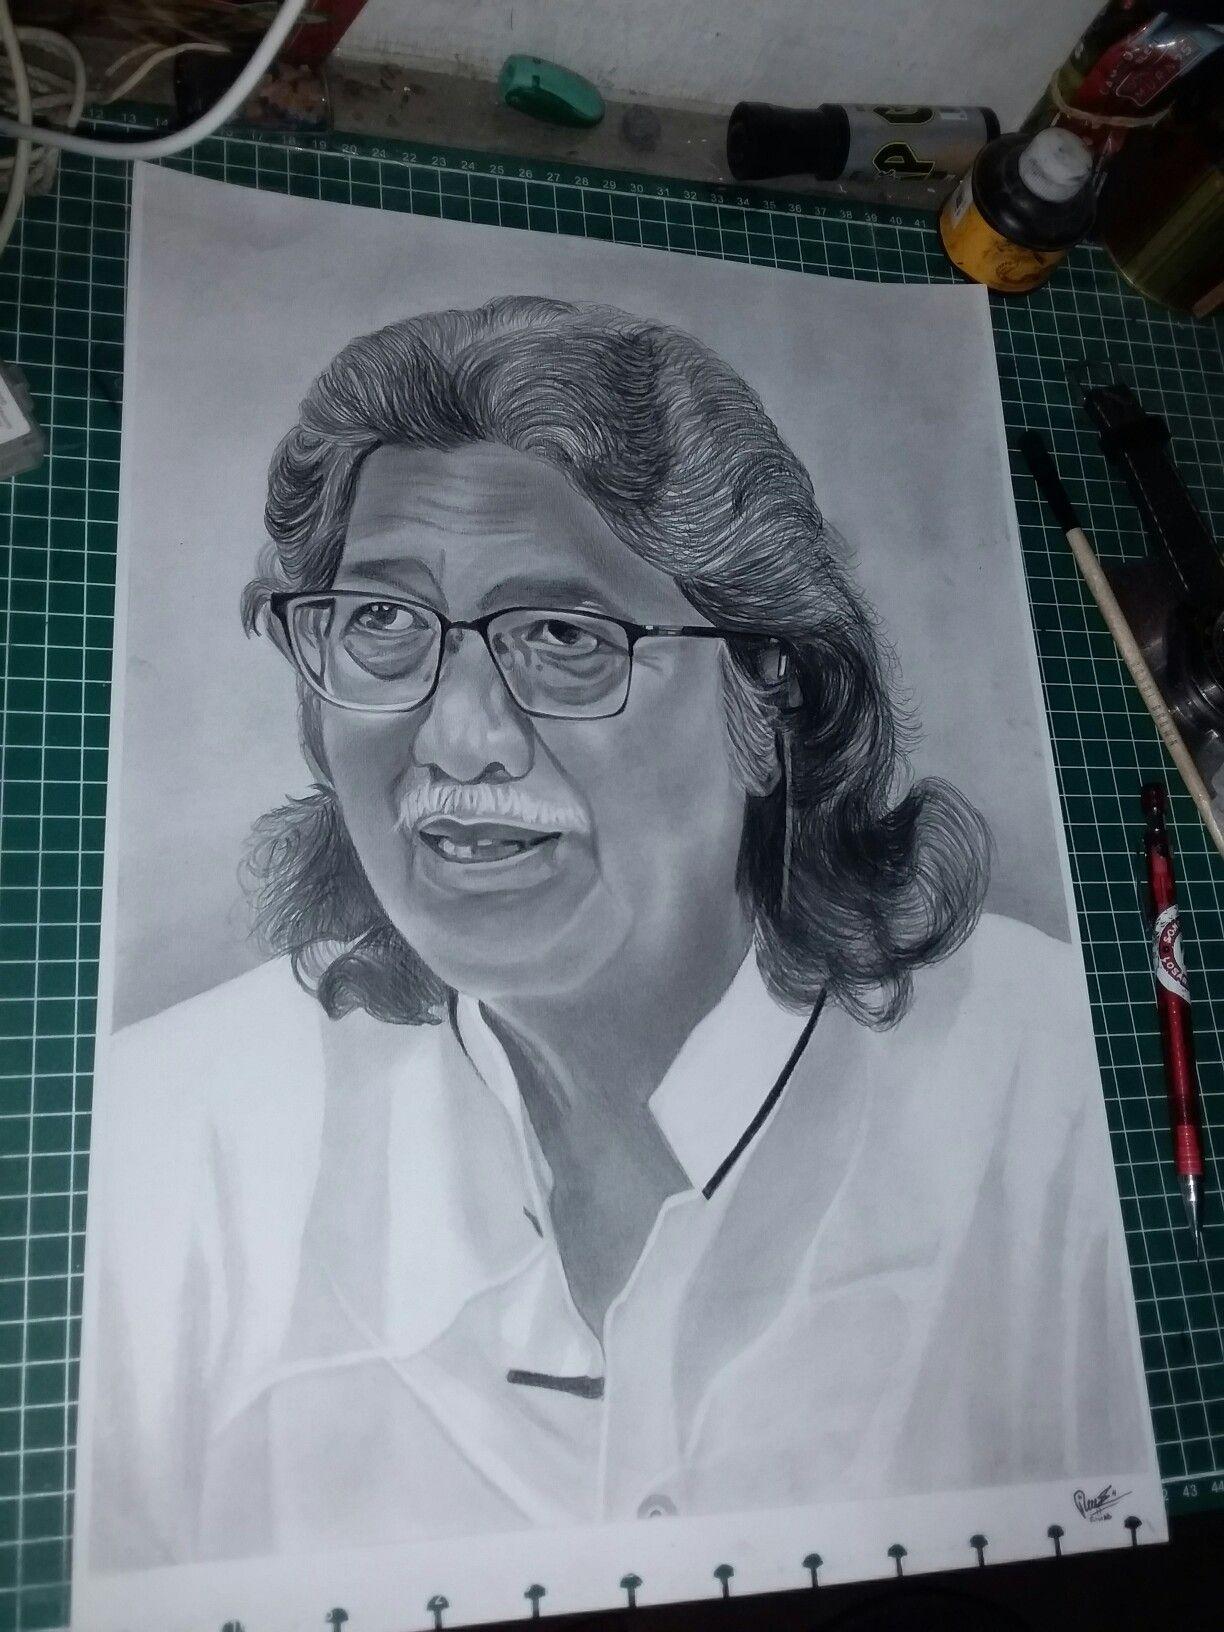 Gambar Ir Soekarno Pake Pensil